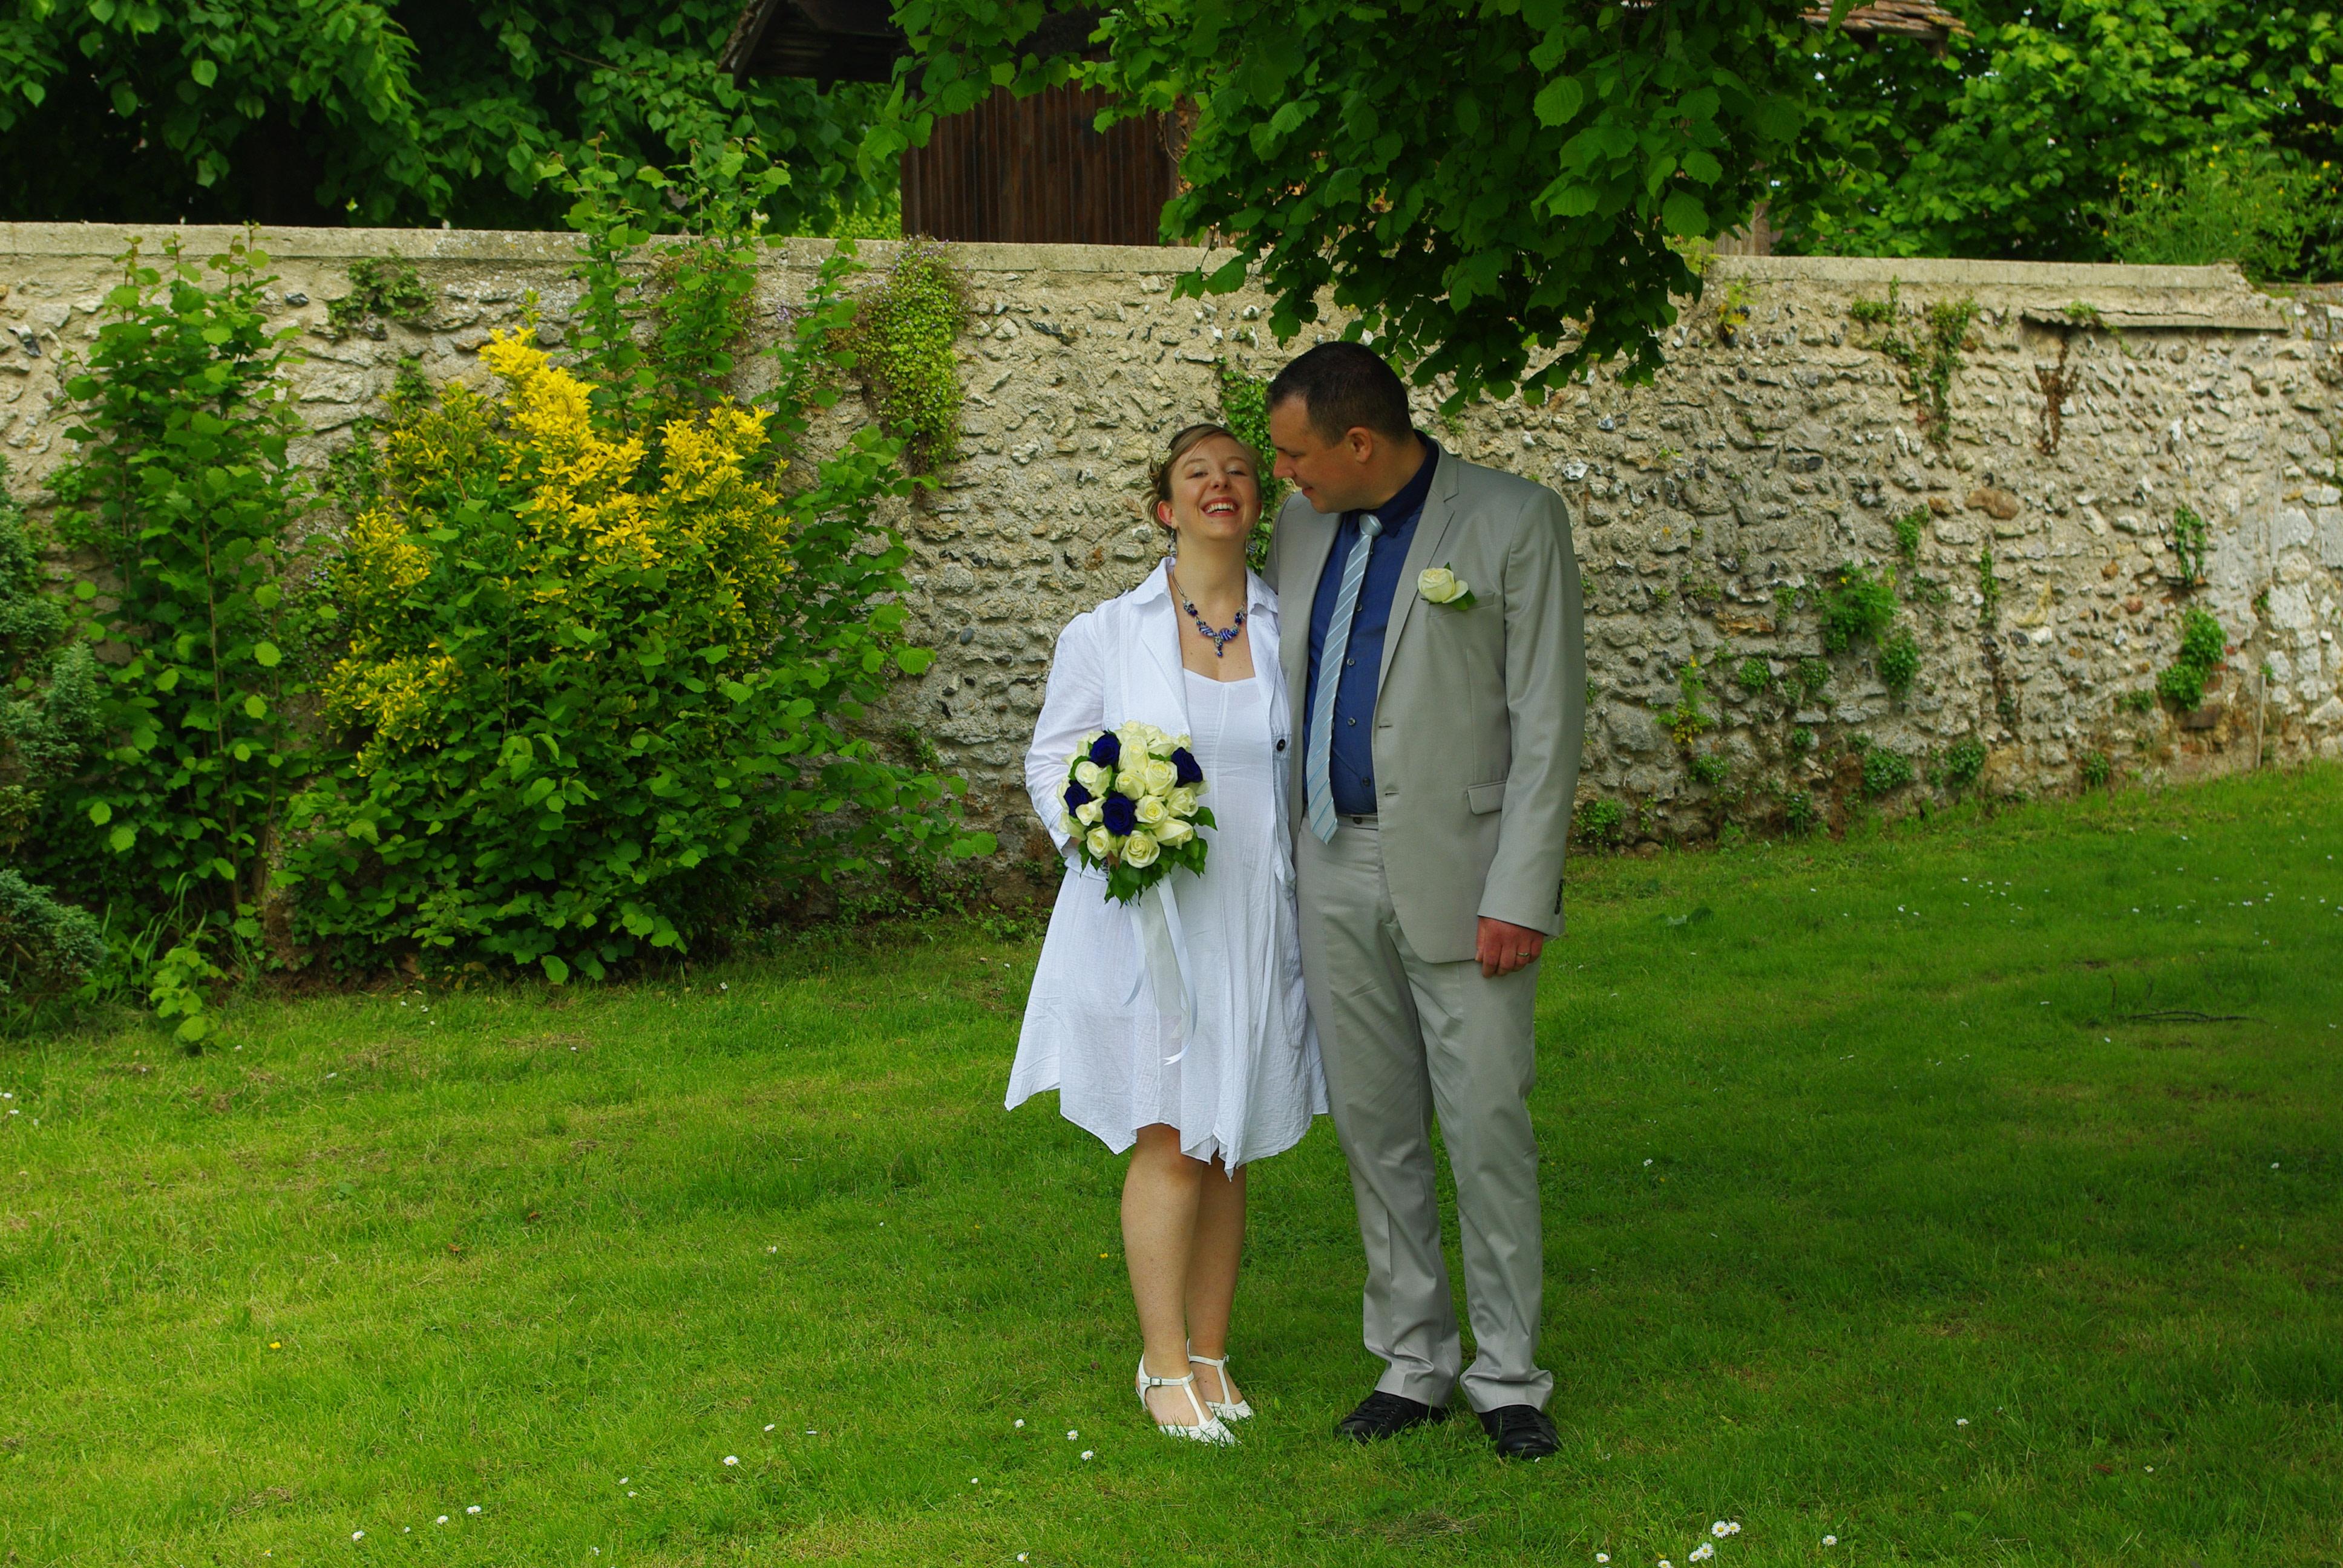 Notre mariage en 2 temps : la découverte, la cérémonie civile et la soirée !